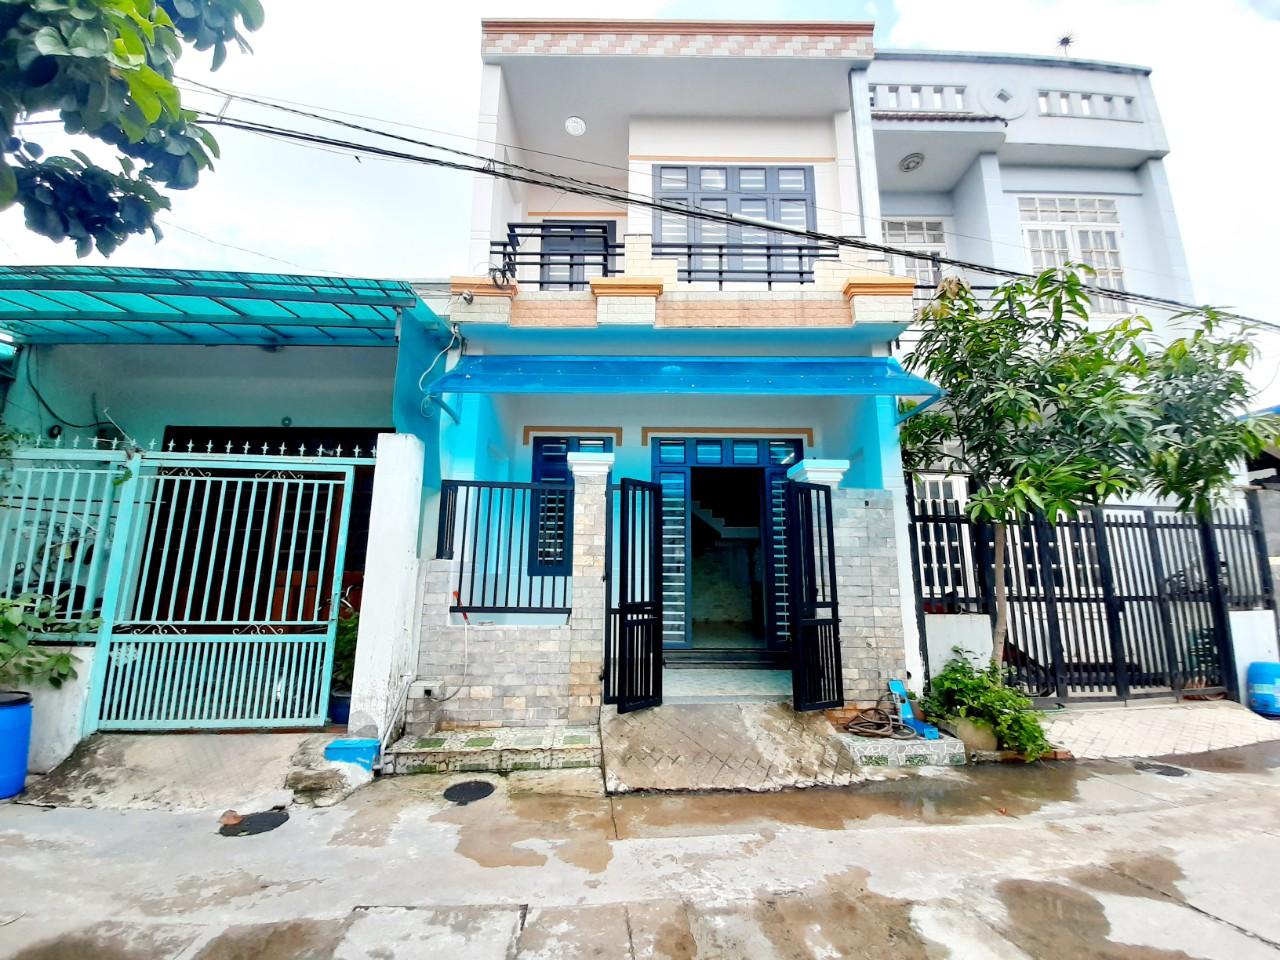 Bán nhà Dĩ An trệt lầu gần ngã ba cây điệp sổ hồng riêng phường Tân Đông Hiệp , Thành Phố Dĩ An